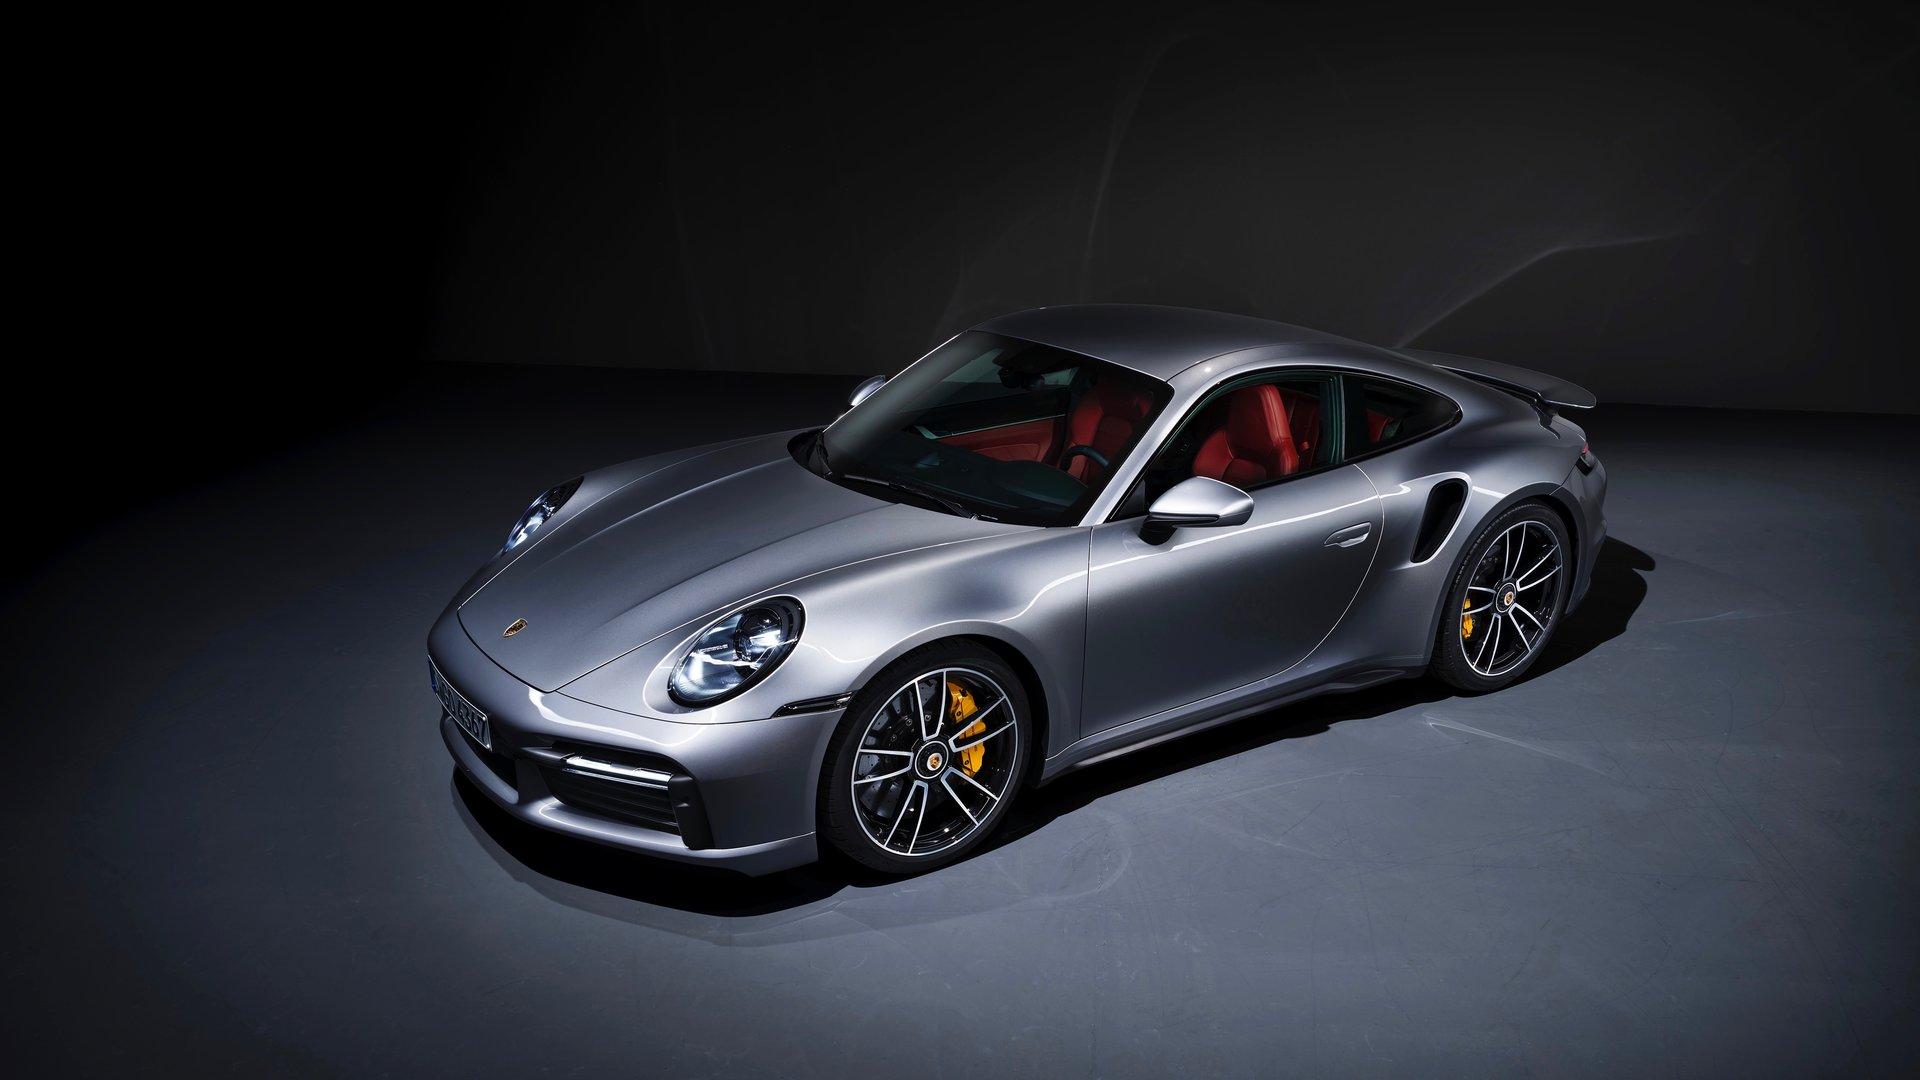 Aunque Porsche se electrifique, el 911 seguirá empleando un motor de combustión